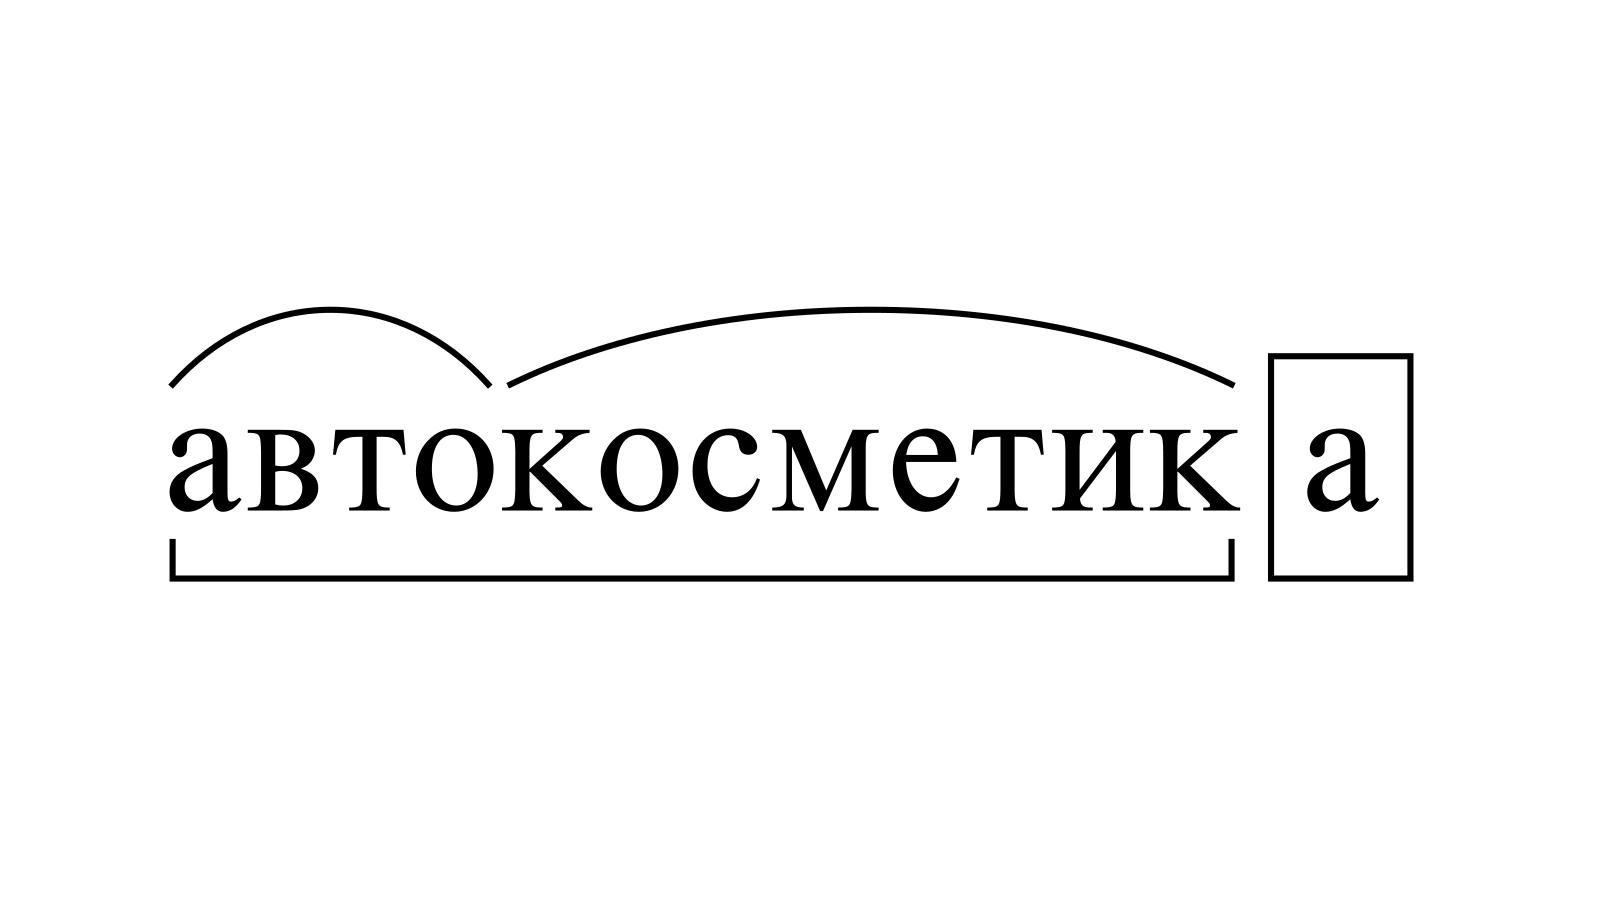 Разбор слова «автокосметика» по составу